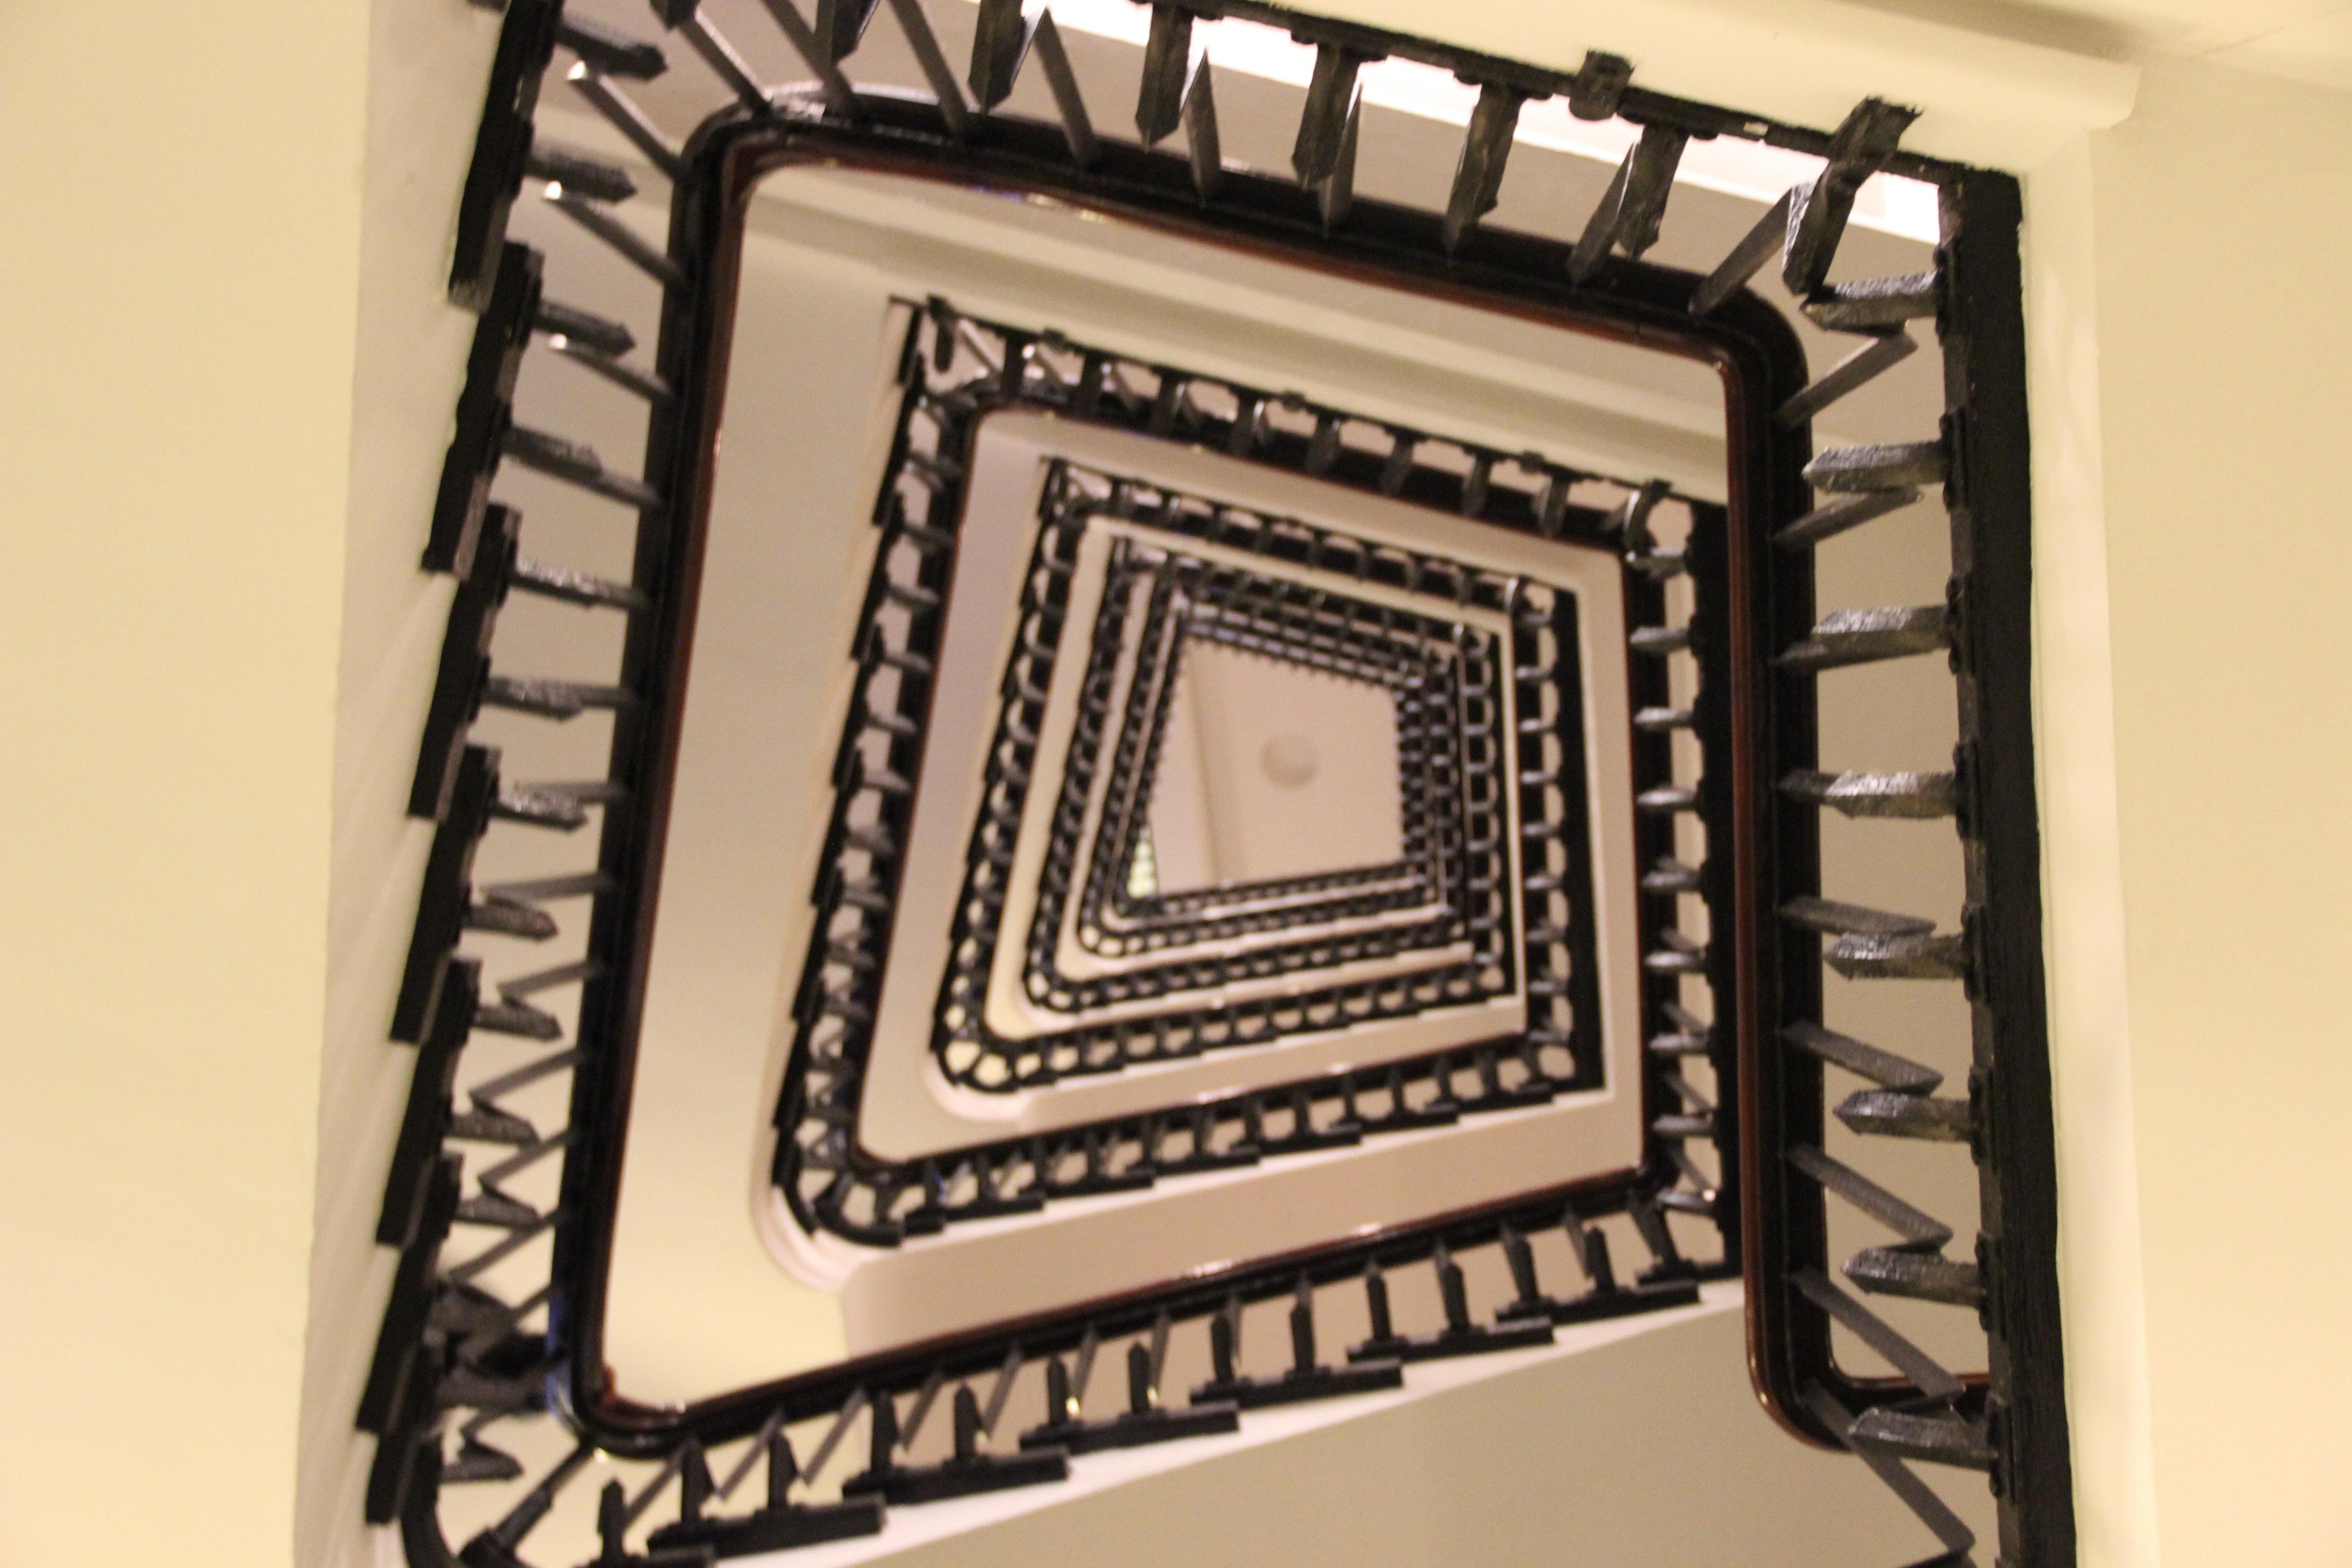 fantastisch bilderrahmen f r treppen zeitgen ssisch benutzerdefinierte bilderrahmen ideen. Black Bedroom Furniture Sets. Home Design Ideas